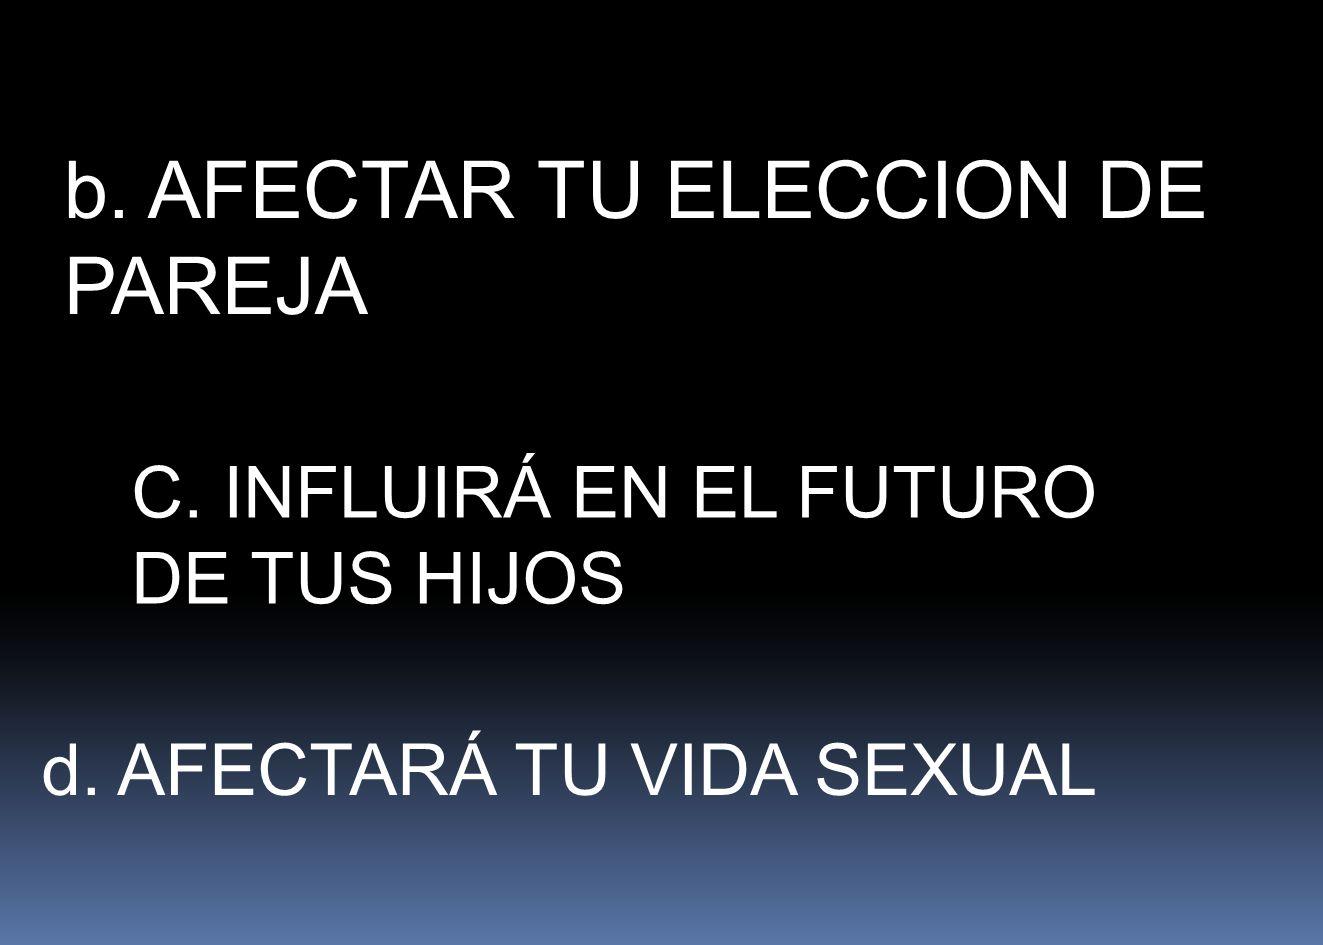 b. AFECTAR TU ELECCION DE PAREJA